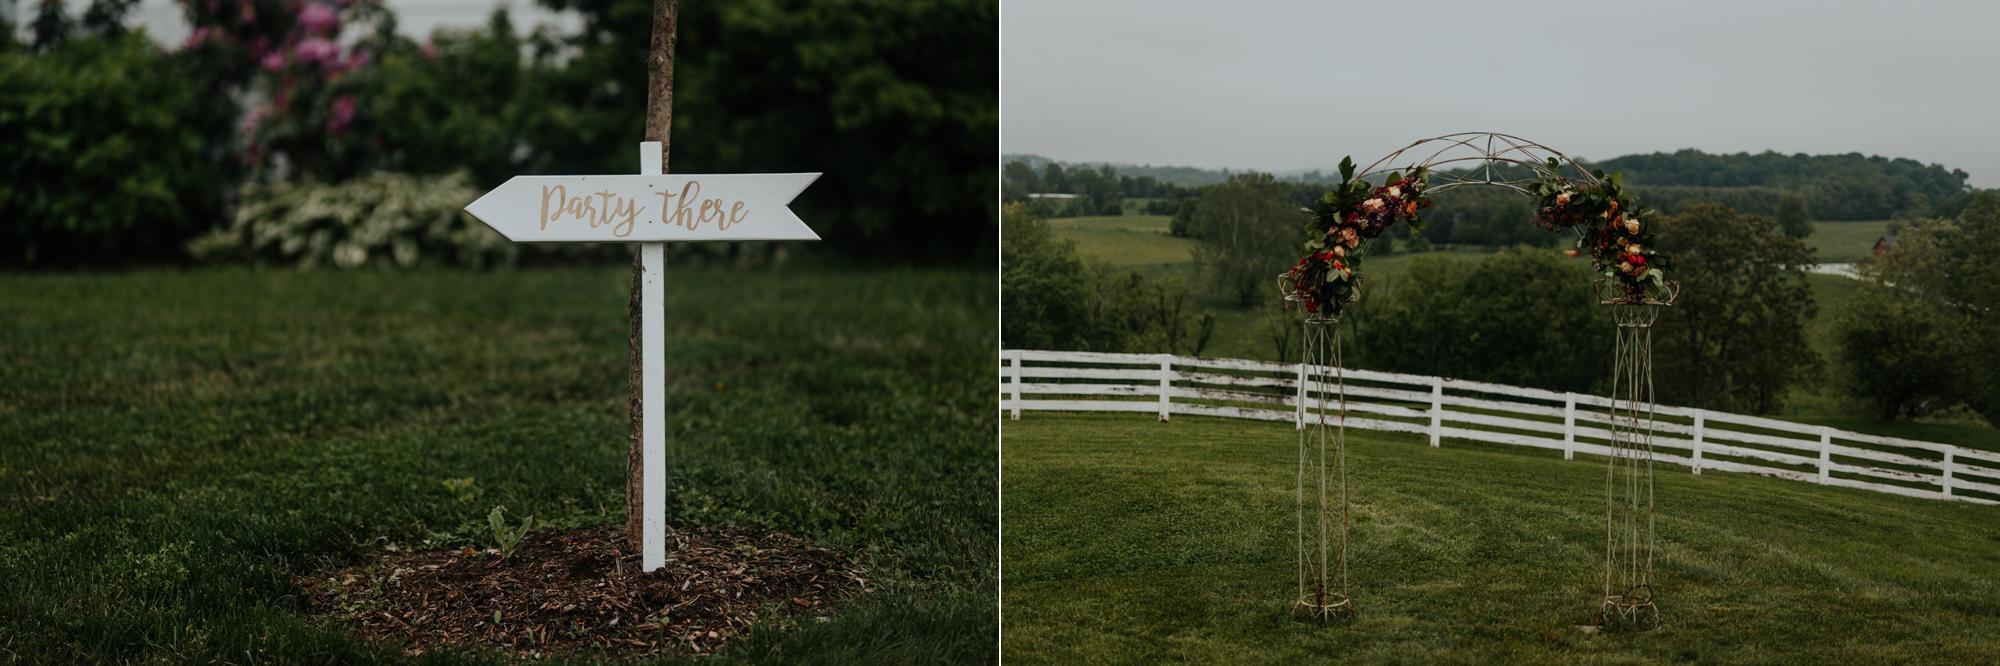 031-Blue_Hill_Farm_Waterford_Virginia.jpg